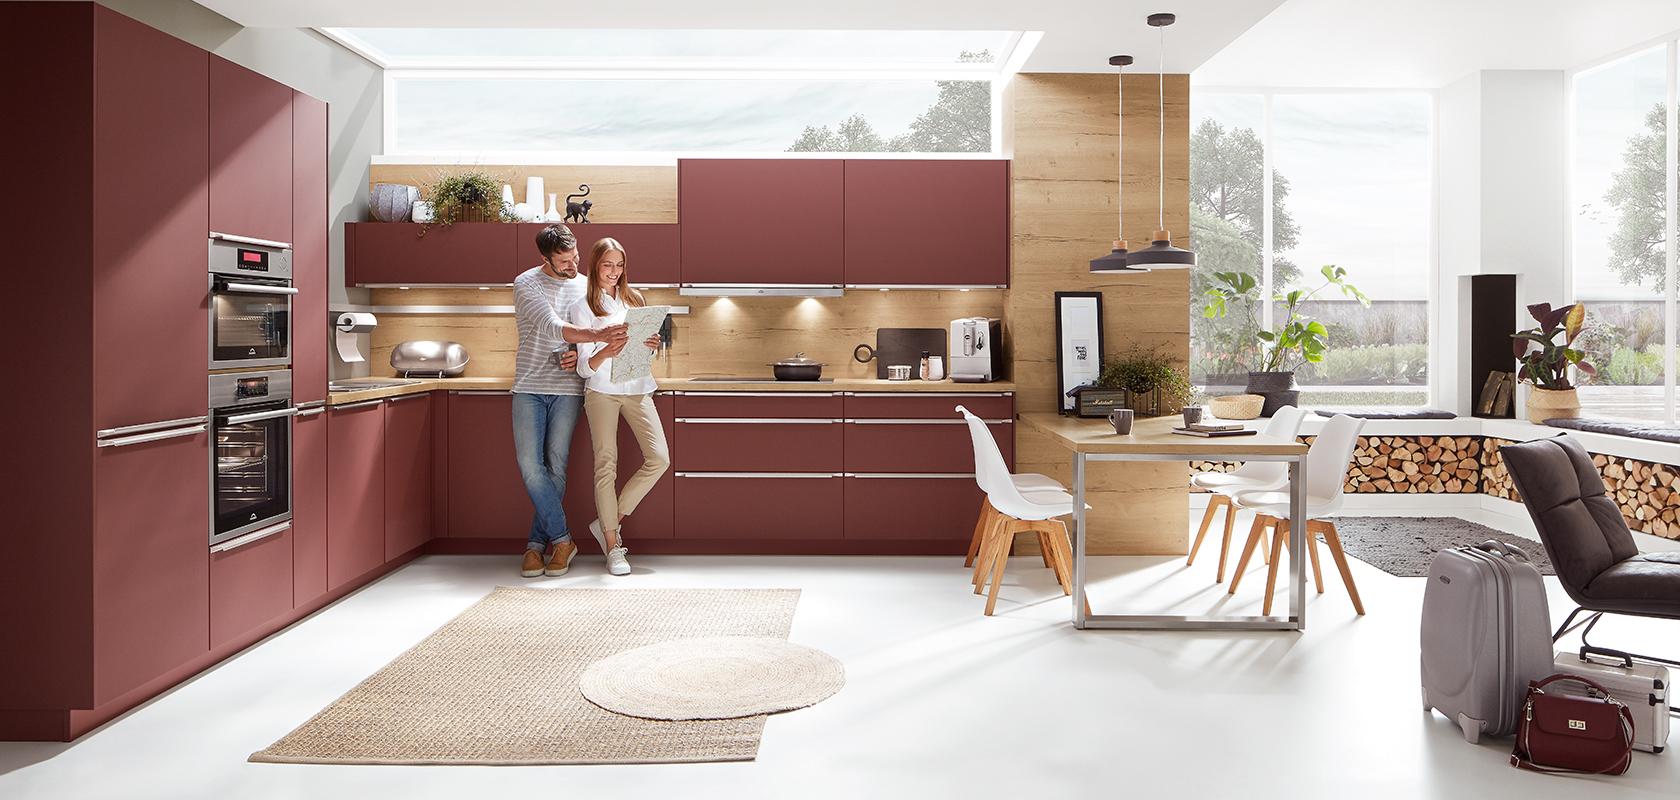 Full Size of Nobilia Besteckeinsatz 80 60 Cm Holz 100 Move Trend 90 Mit Messerblock Kchen Einbauküche Küche Wohnzimmer Nobilia Besteckeinsatz